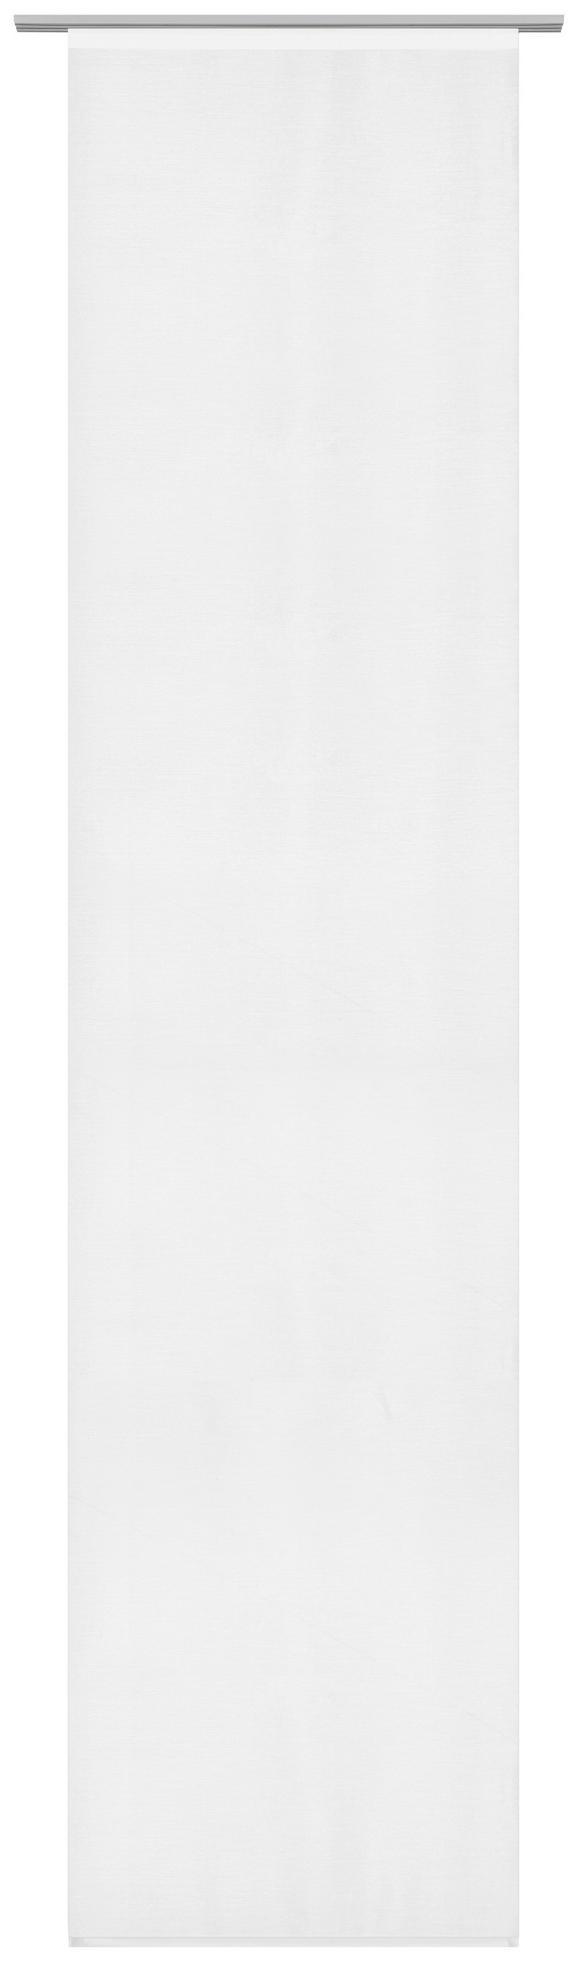 Flächenvorhang Uni in Weiß, ca. 60x245cm - Weiß, MODERN, Textil (60/245cm) - MÖMAX modern living